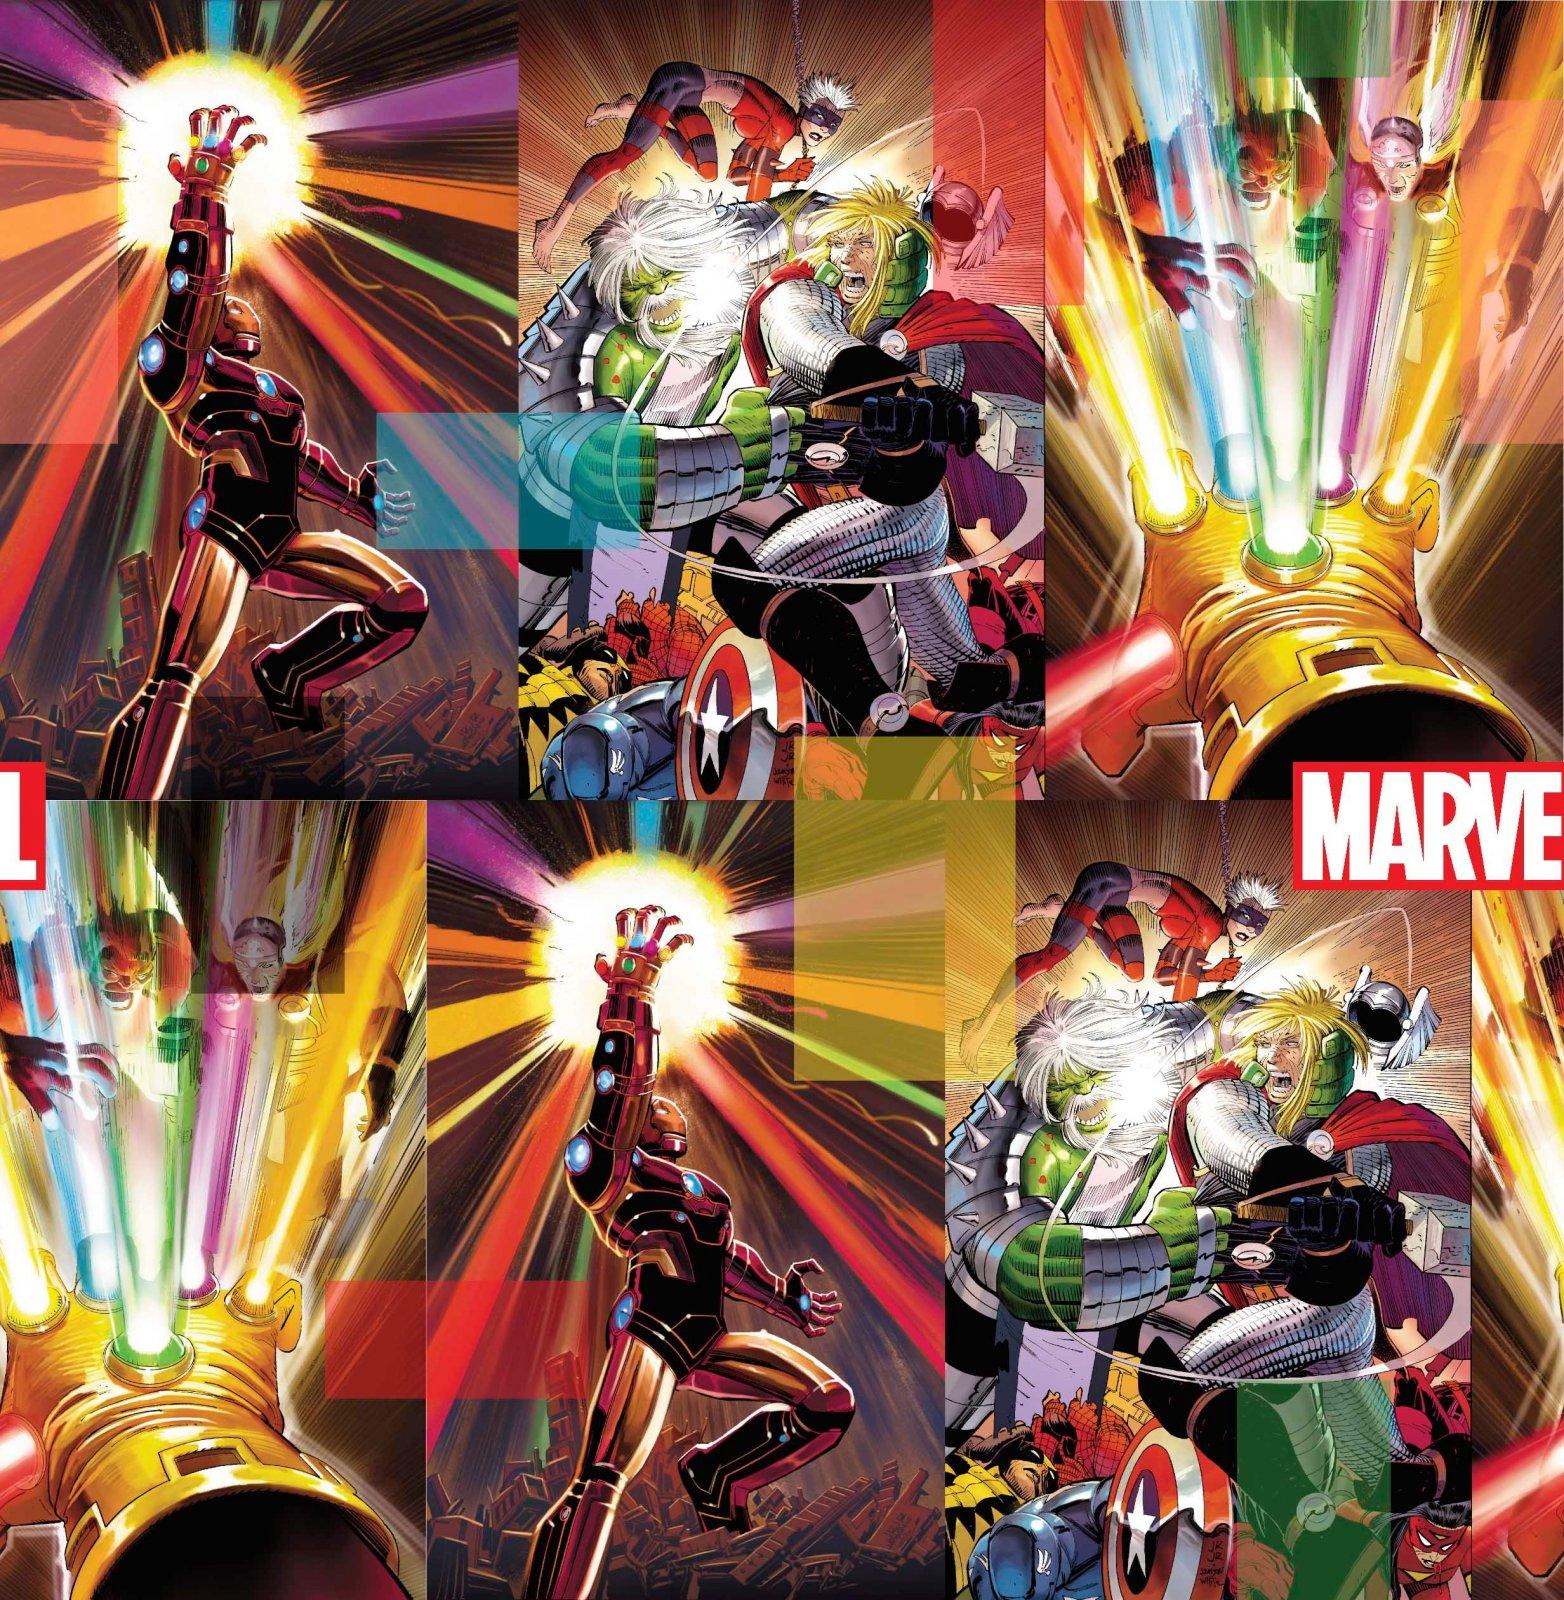 PROMO* SC-Marvel Avengers Digital 70999-A620715 Marvel Energy